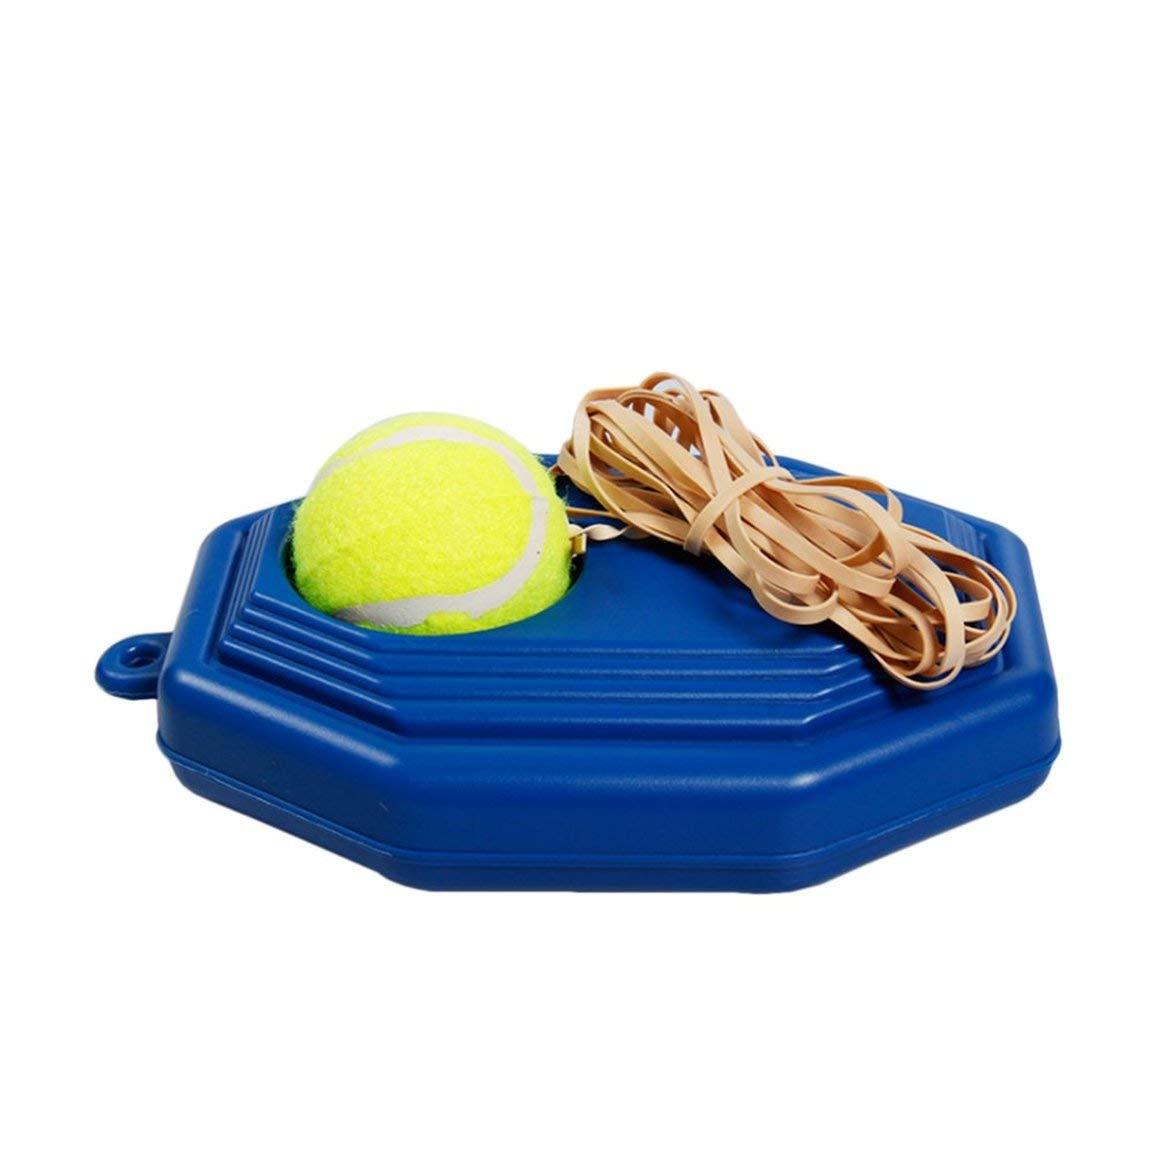 Allenatore da Tennis Portatile di Rimbalzo di Dimensioni Personalizzate Studio autonomo Set Tennis Pratico Allenamento per Principianti Esercitarsi Attrezzatura per i Partner